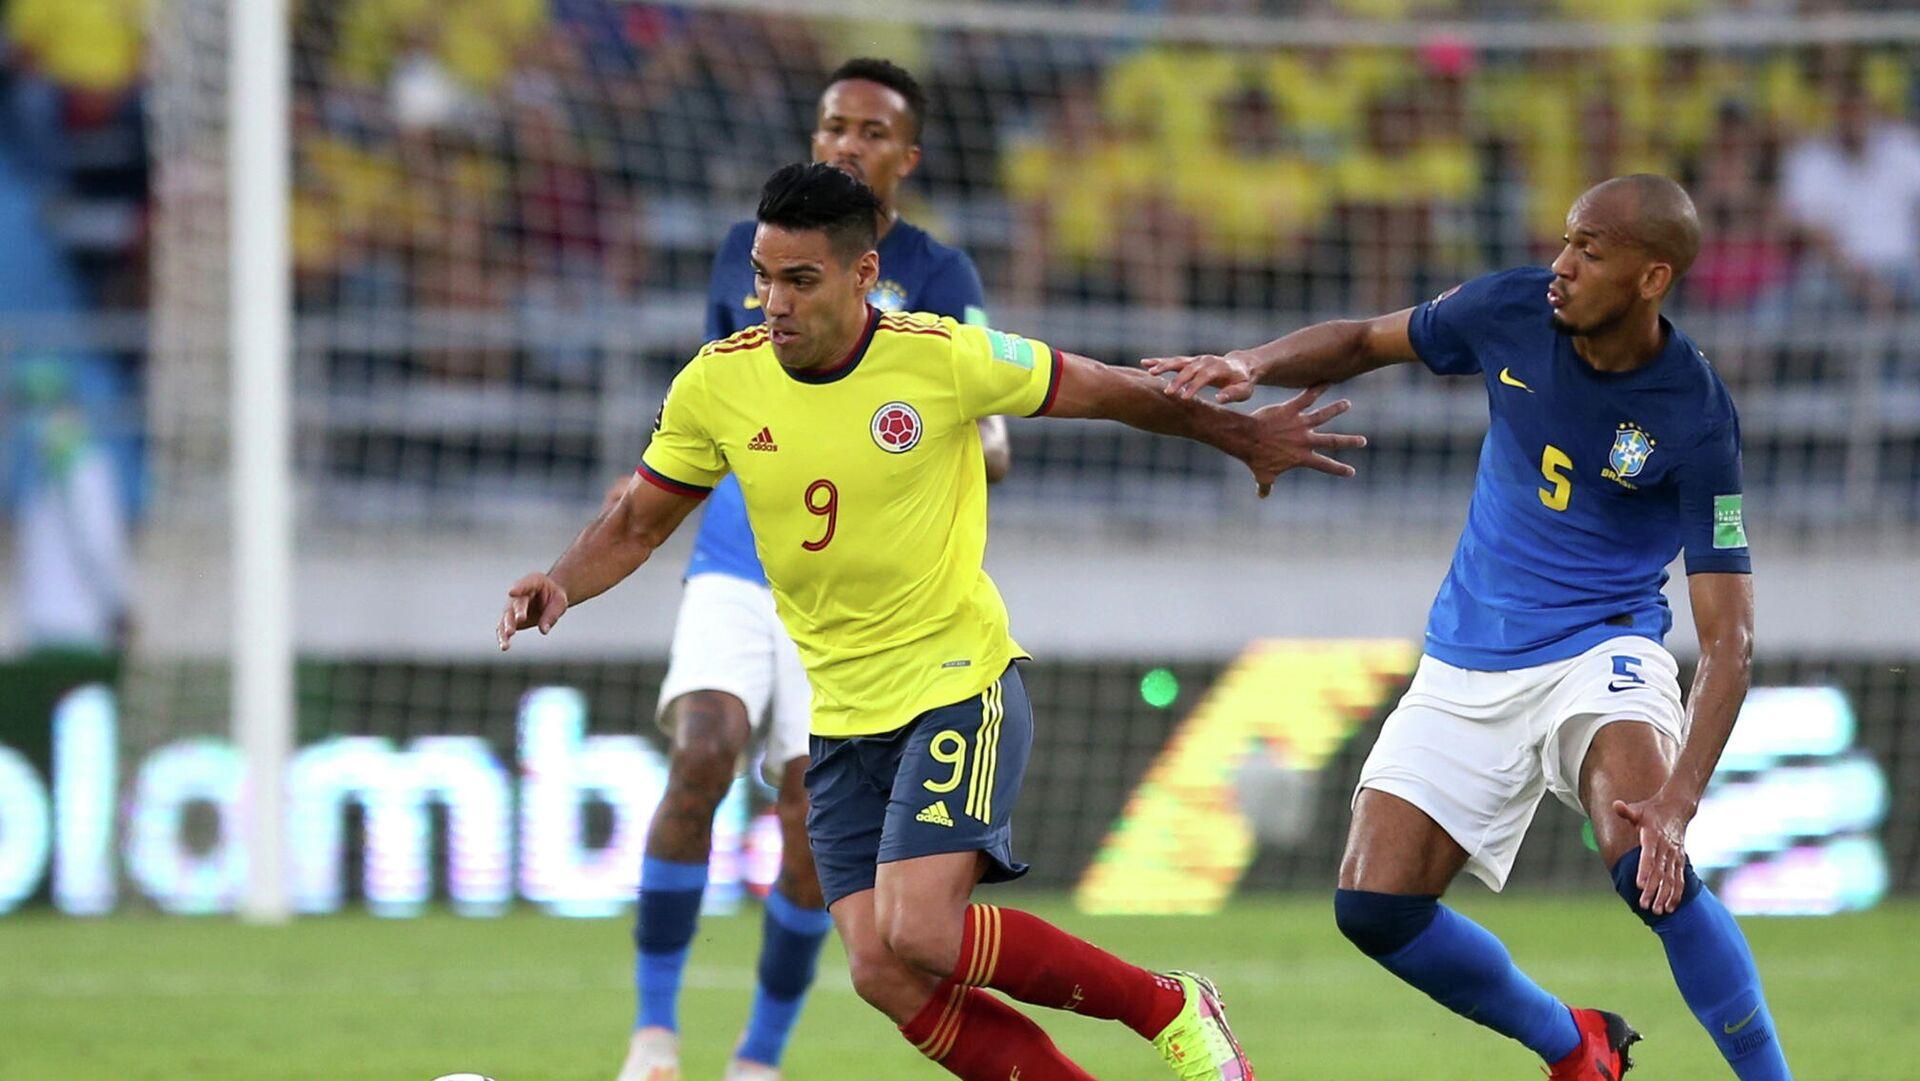 Partido de fútbol entre Colombia y Brasil en las Eliminatorias a Catar 2022 - Sputnik Mundo, 1920, 10.10.2021